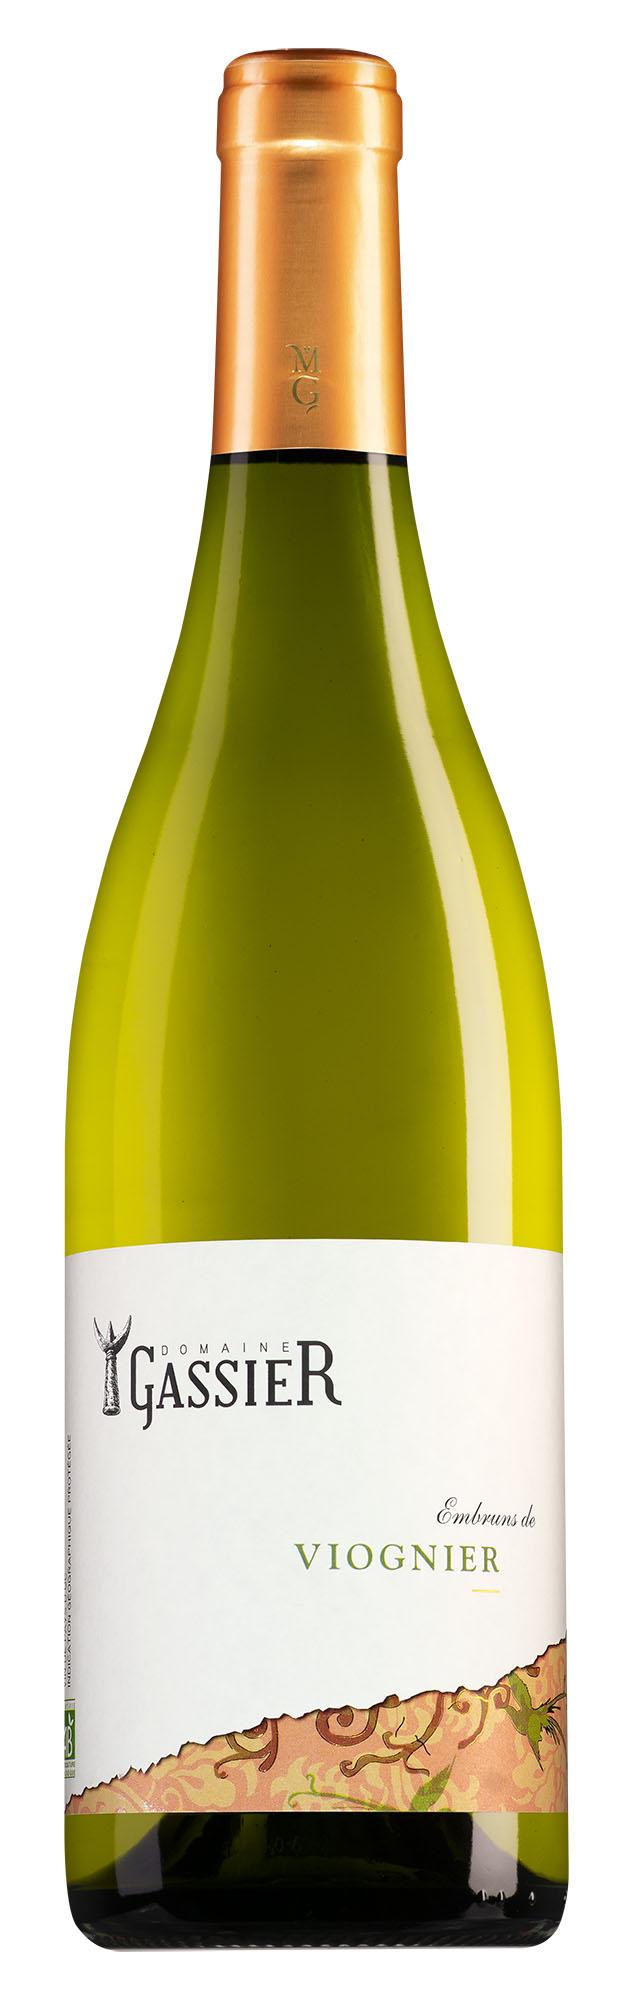 Michel Gassier Vin de France Viognier